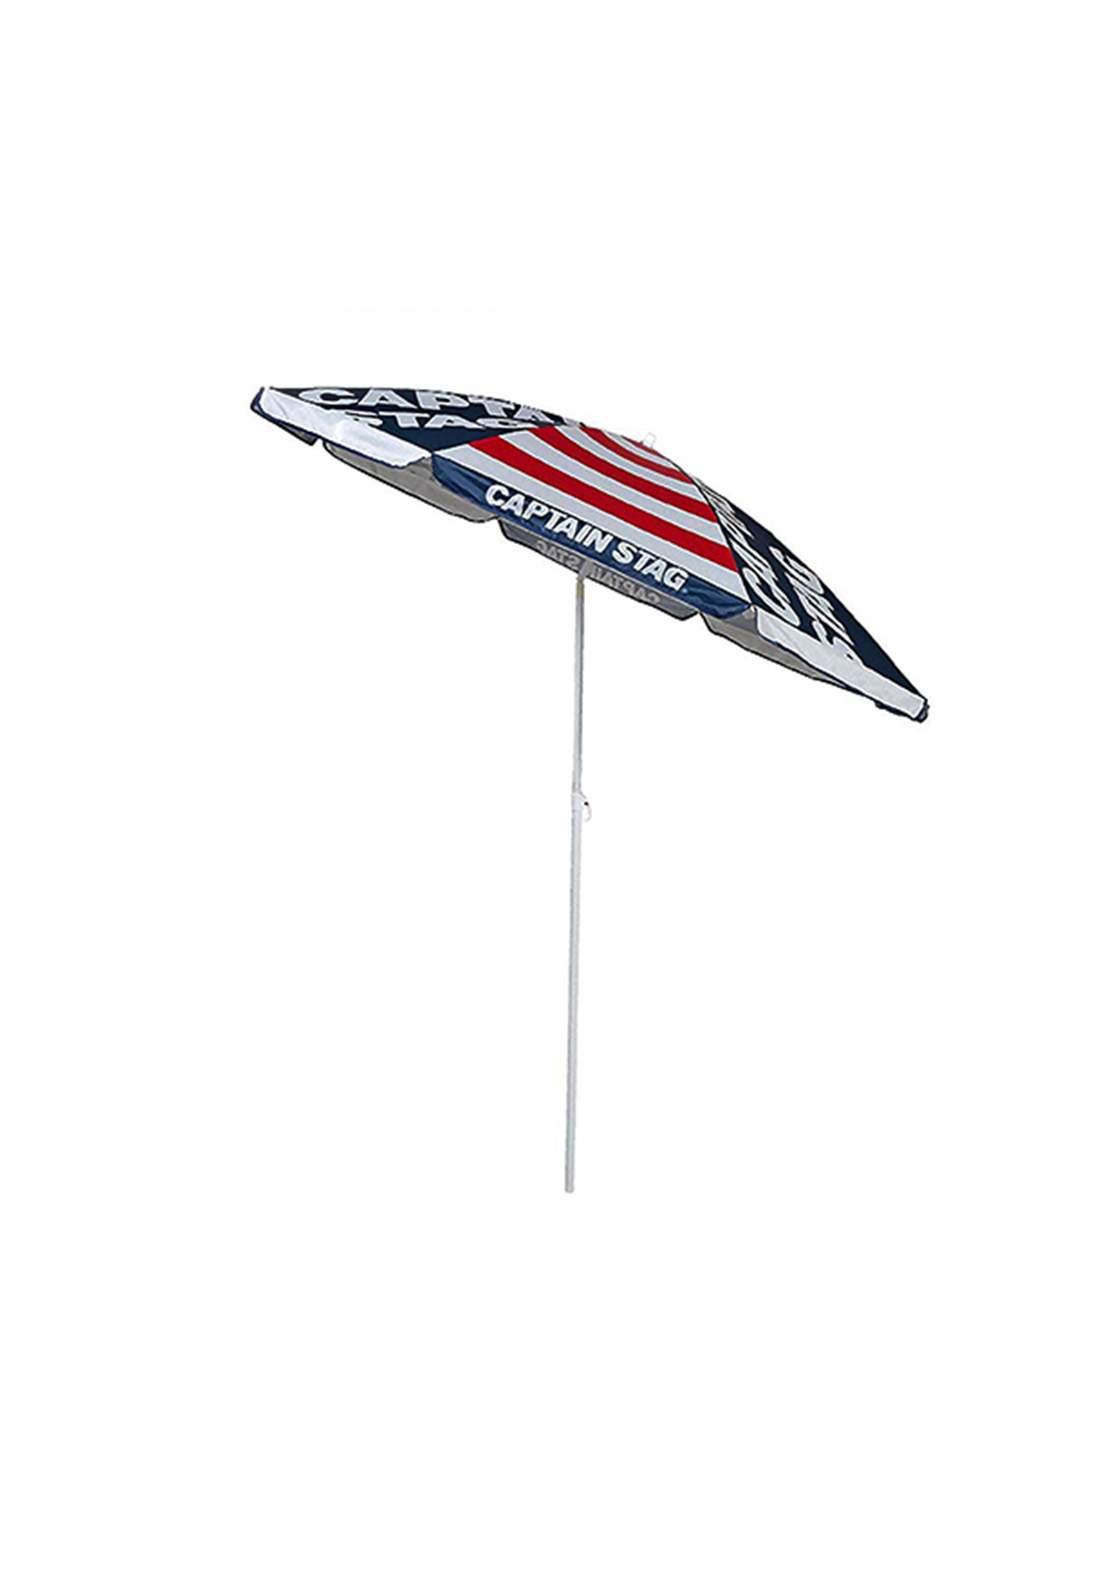 Captain Stag UD-0060 Apollo UV Cut Beach Parasol مظلة أبولو